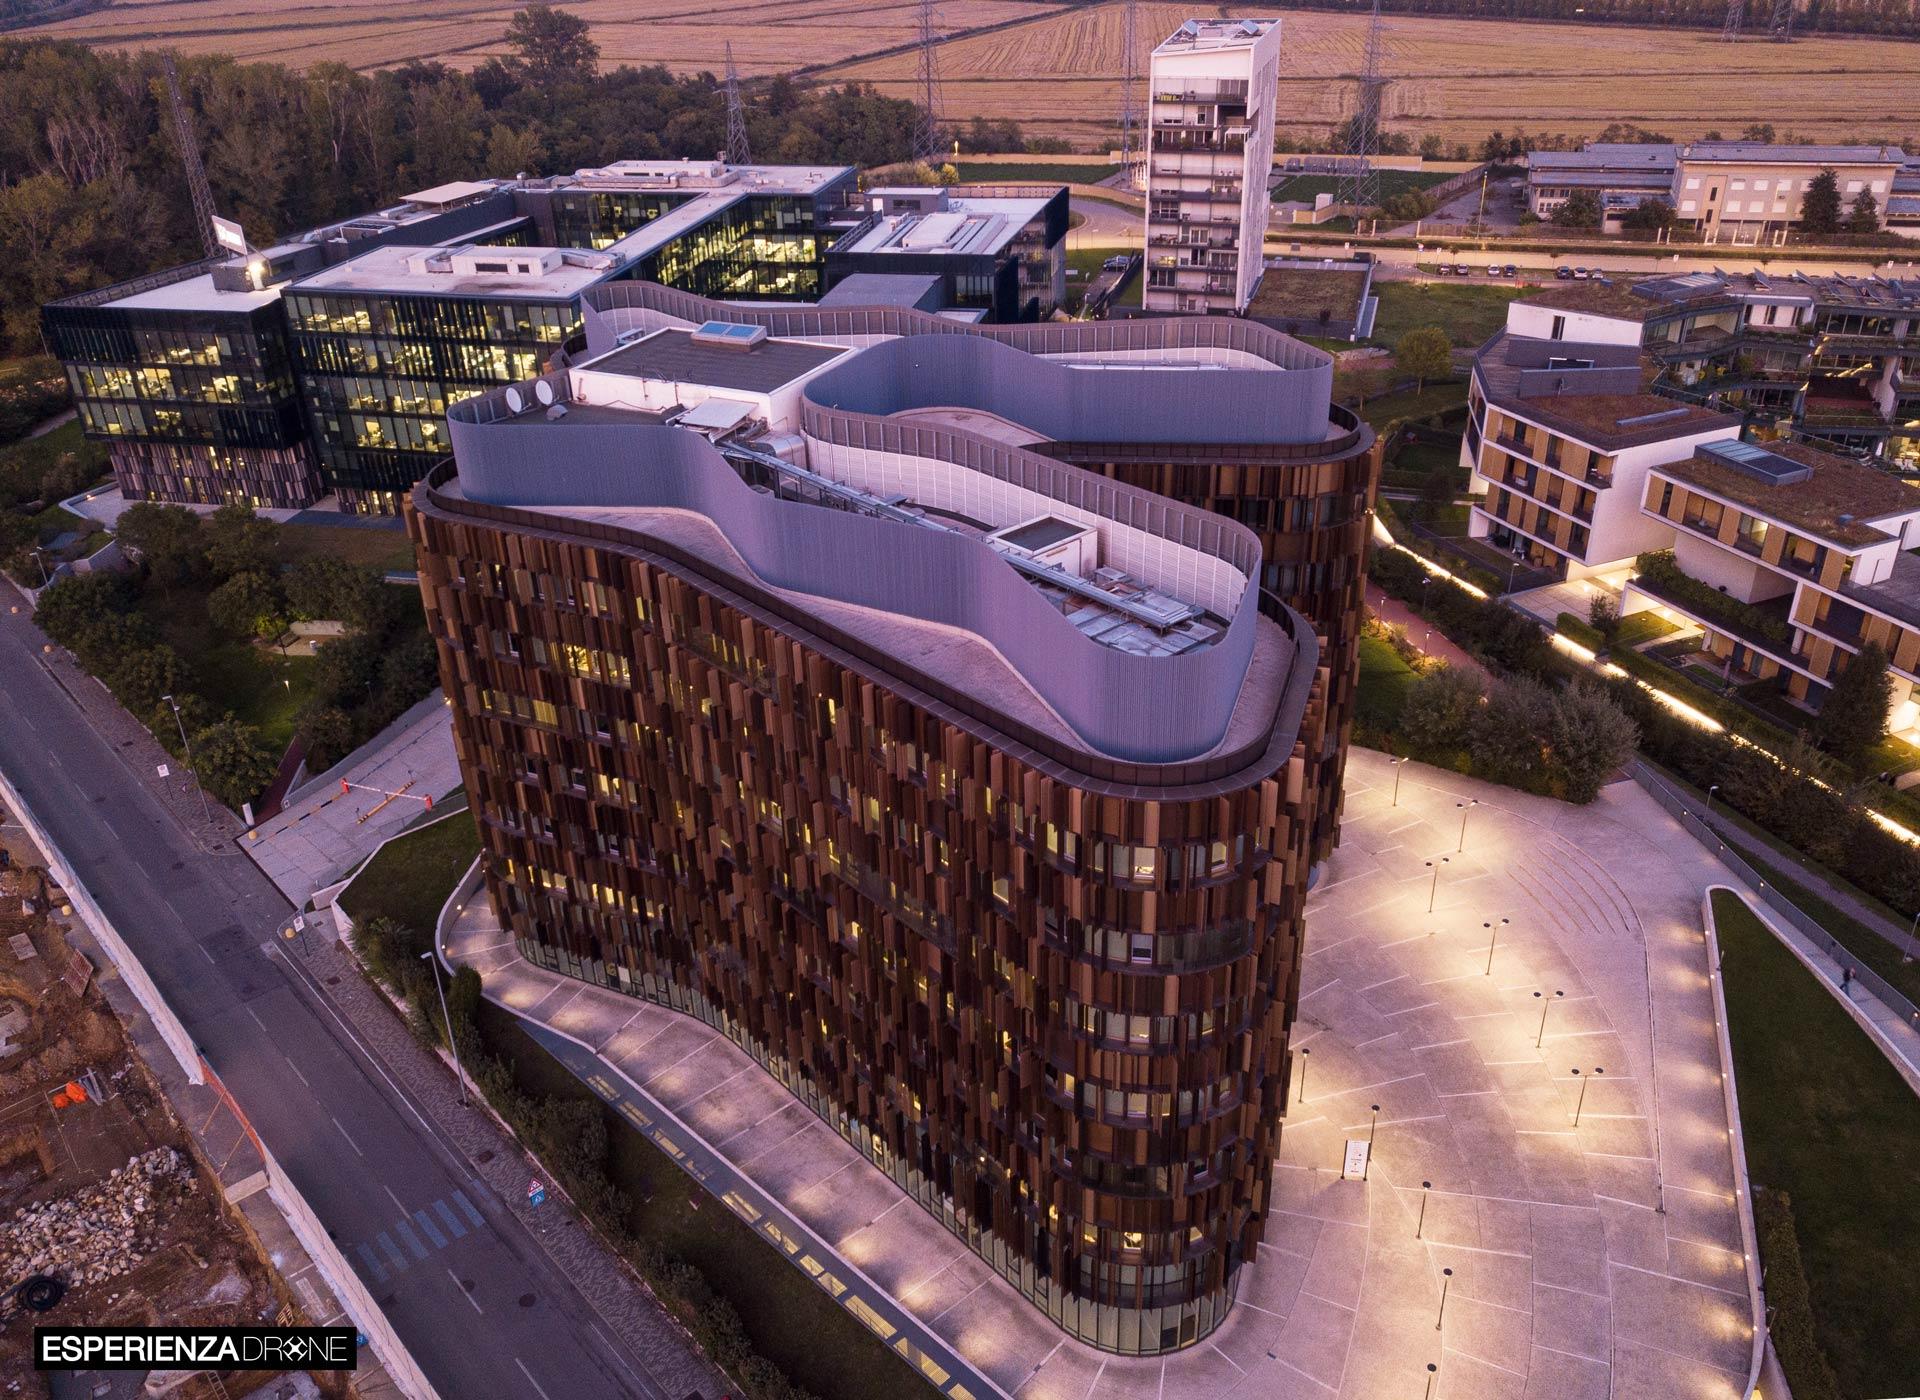 esperienza drone immagine portfolio architettura aerea zenitale diurna milanofiori nord cino zucchi sei 1.jpg